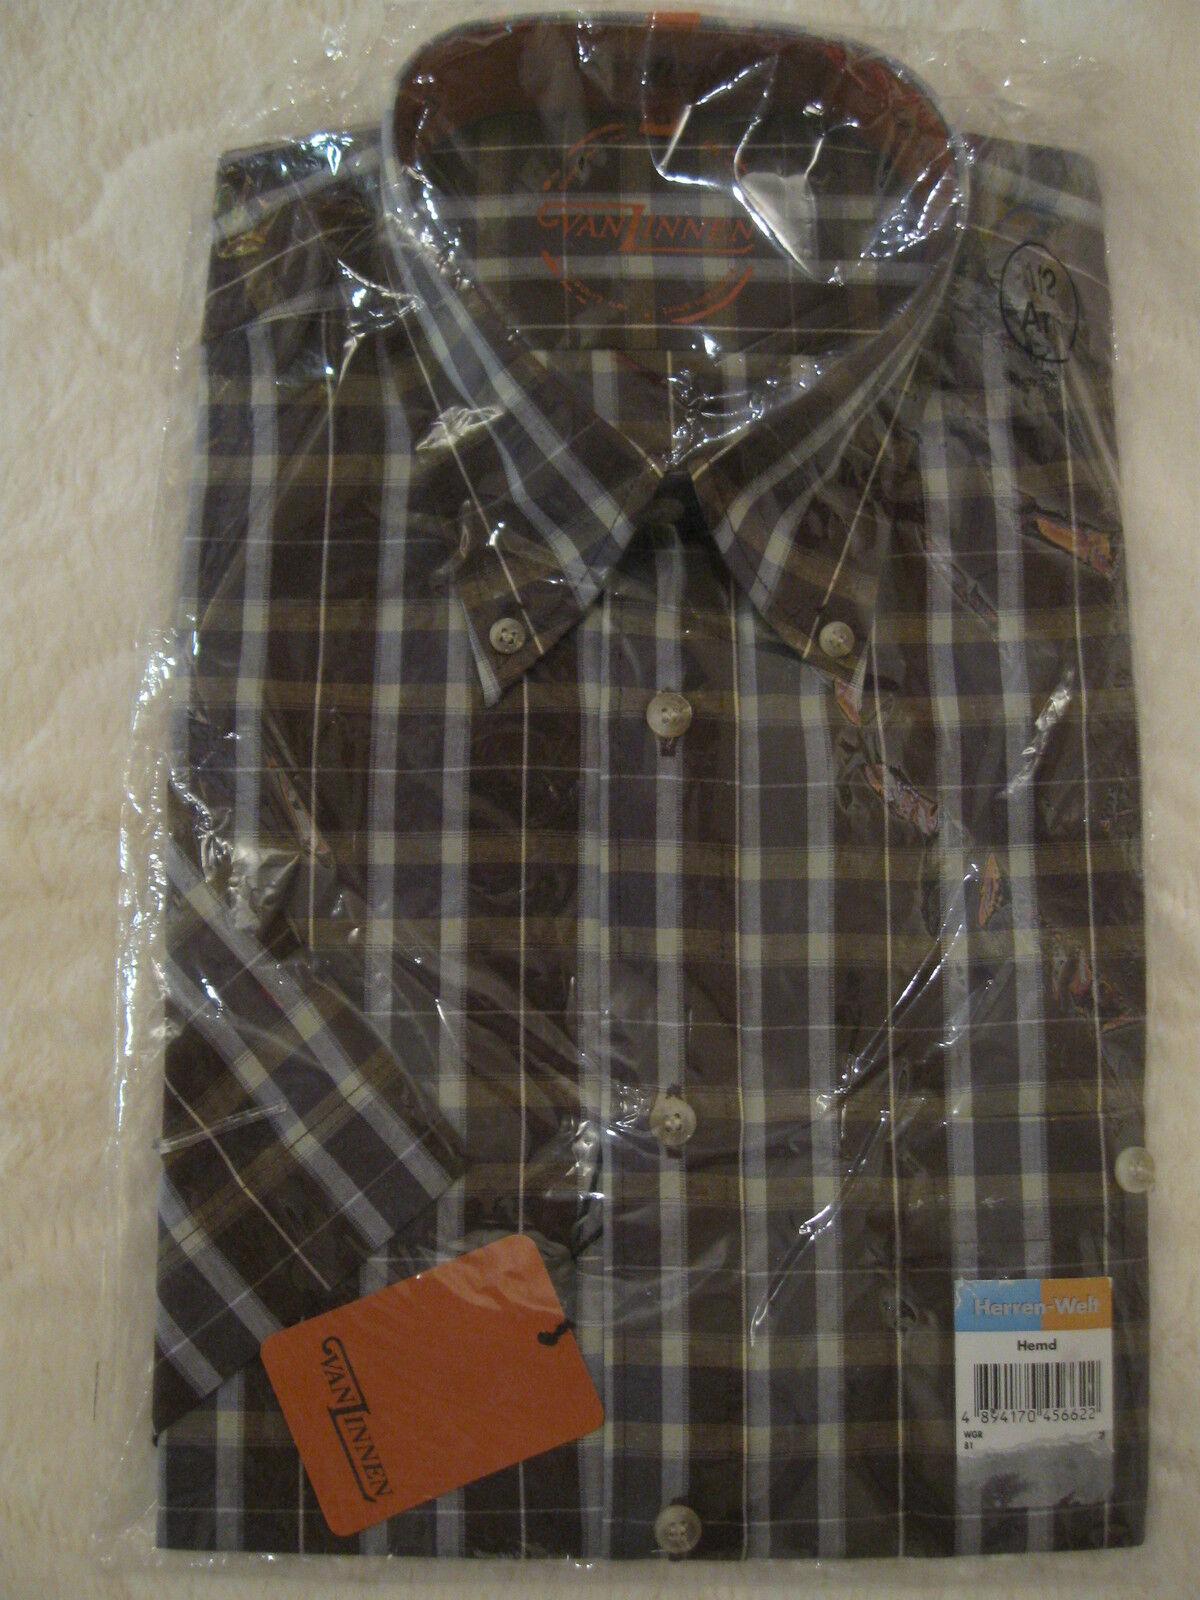 VAN LINNEN  Hemd Gr. M 39 40 braun kariert kurzarm Oberhemd NEU  | Geeignet für Farbe  | Online-Exportgeschäft  | Mittlere Kosten